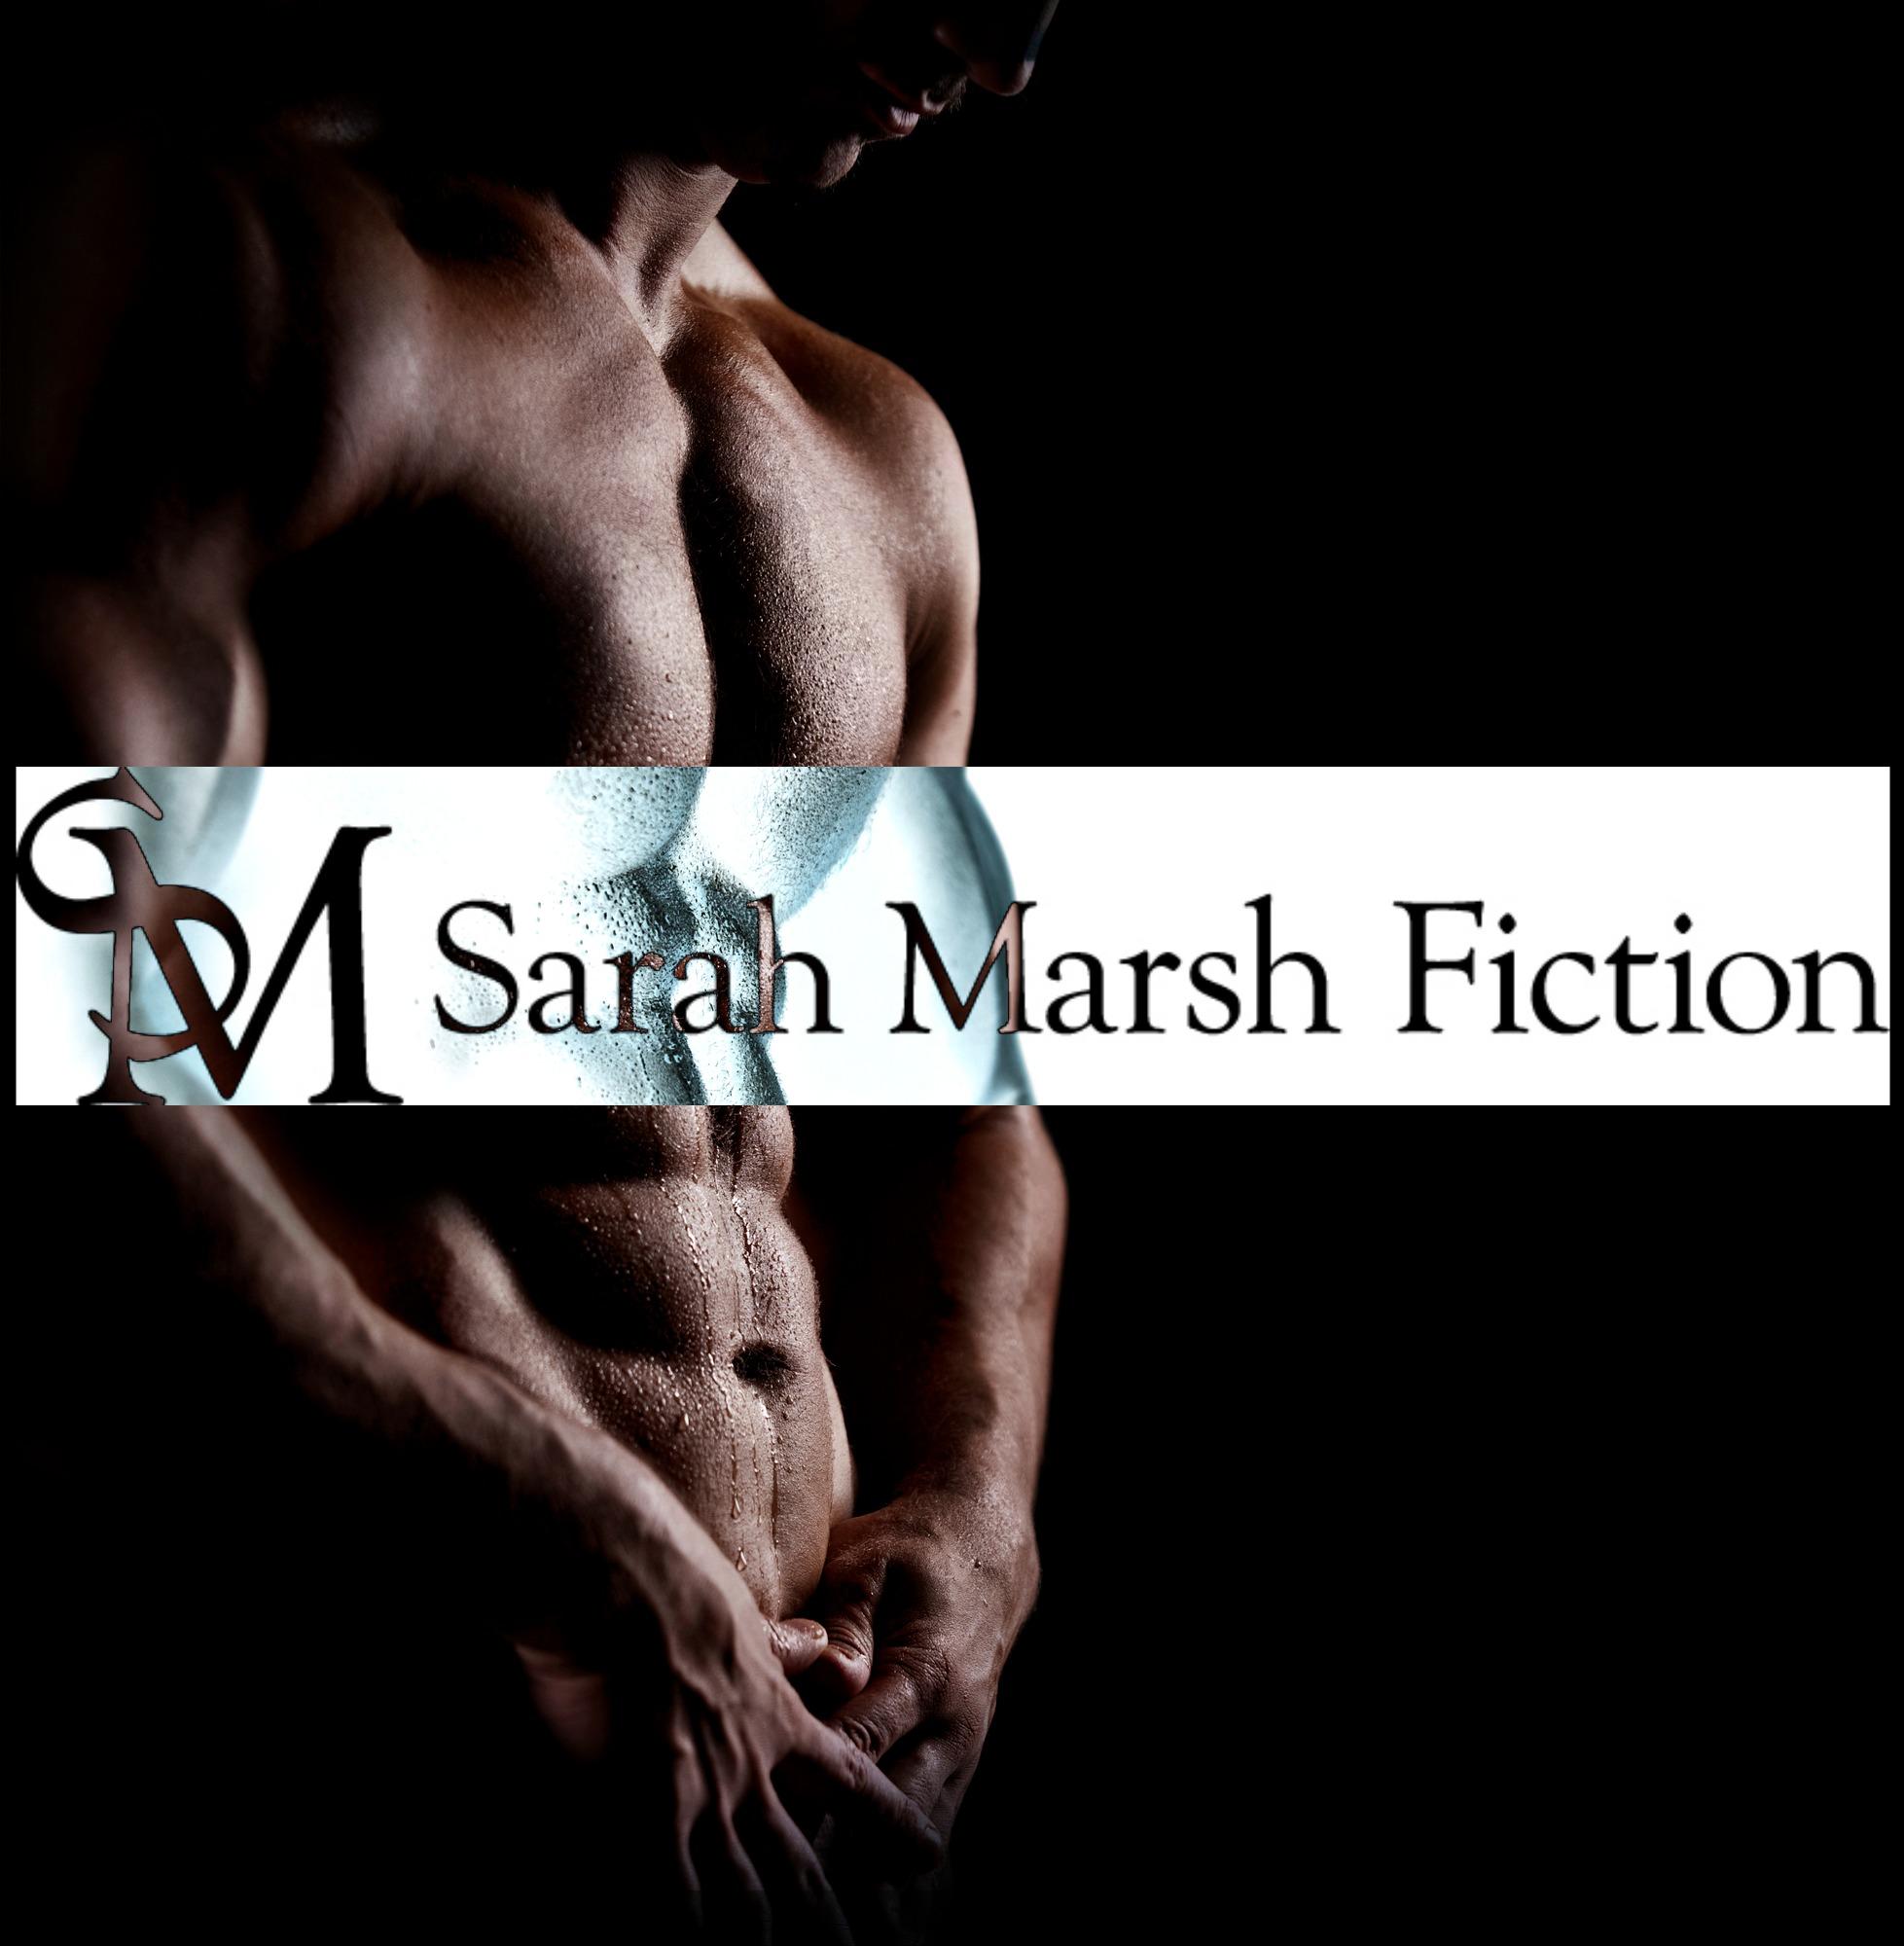 Sarah Marsh avatar